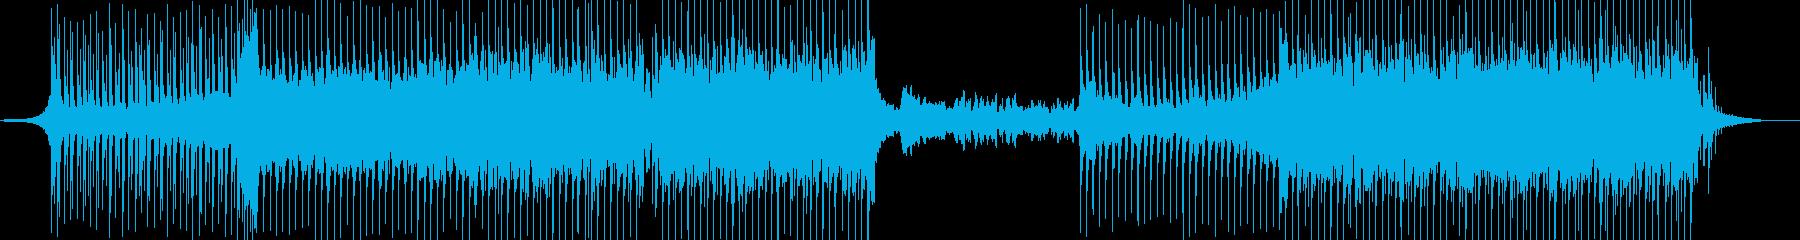 疾走感あるシンセのリフが印象的な曲の再生済みの波形